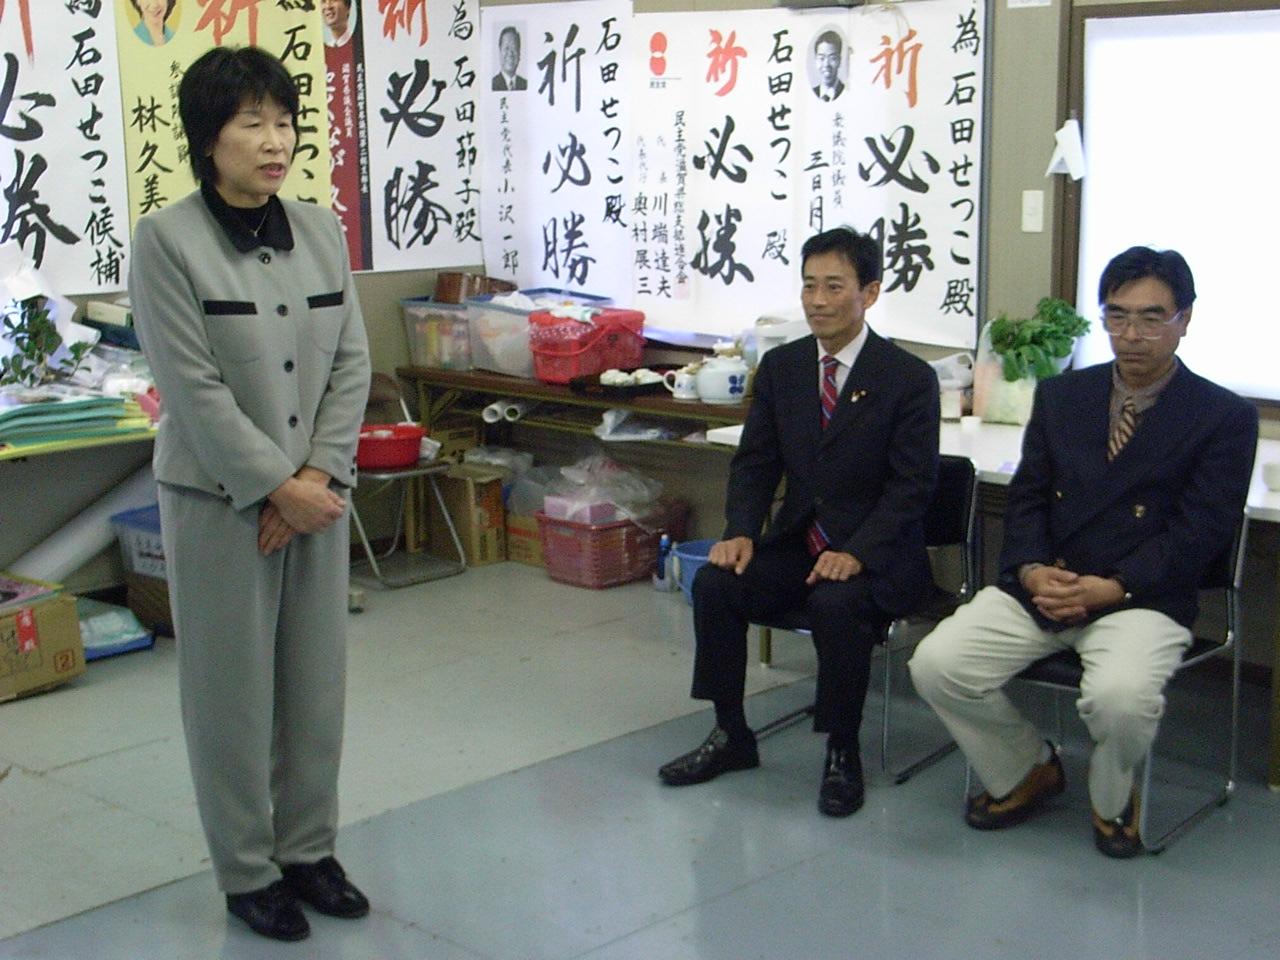 伊香郡(定数1)石田せつこ事務所開き